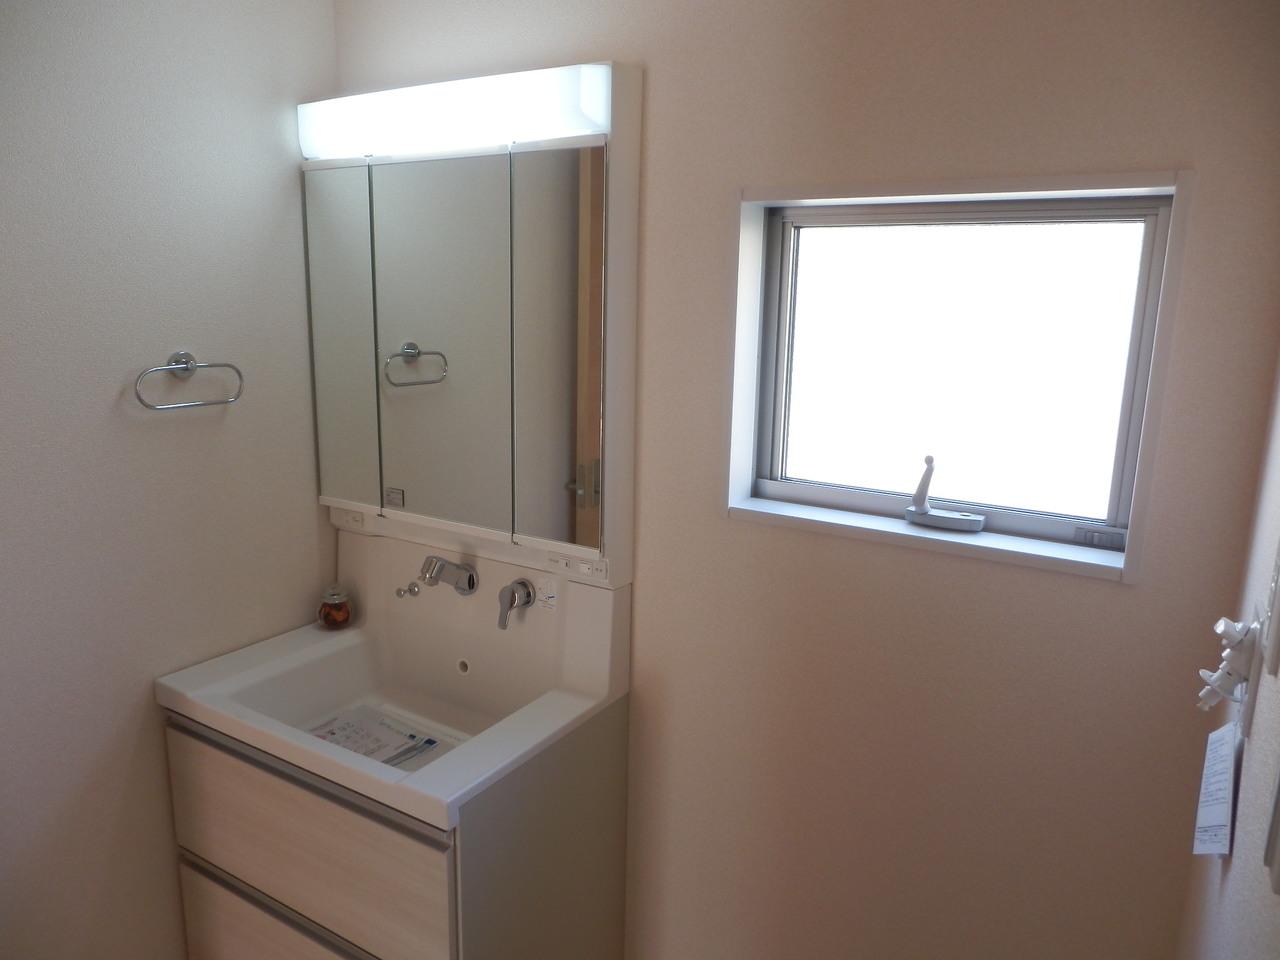 洗面台は三面鏡仕様になる鏡に、蛇口うや水栓も邪魔にならないシンプル設計♪